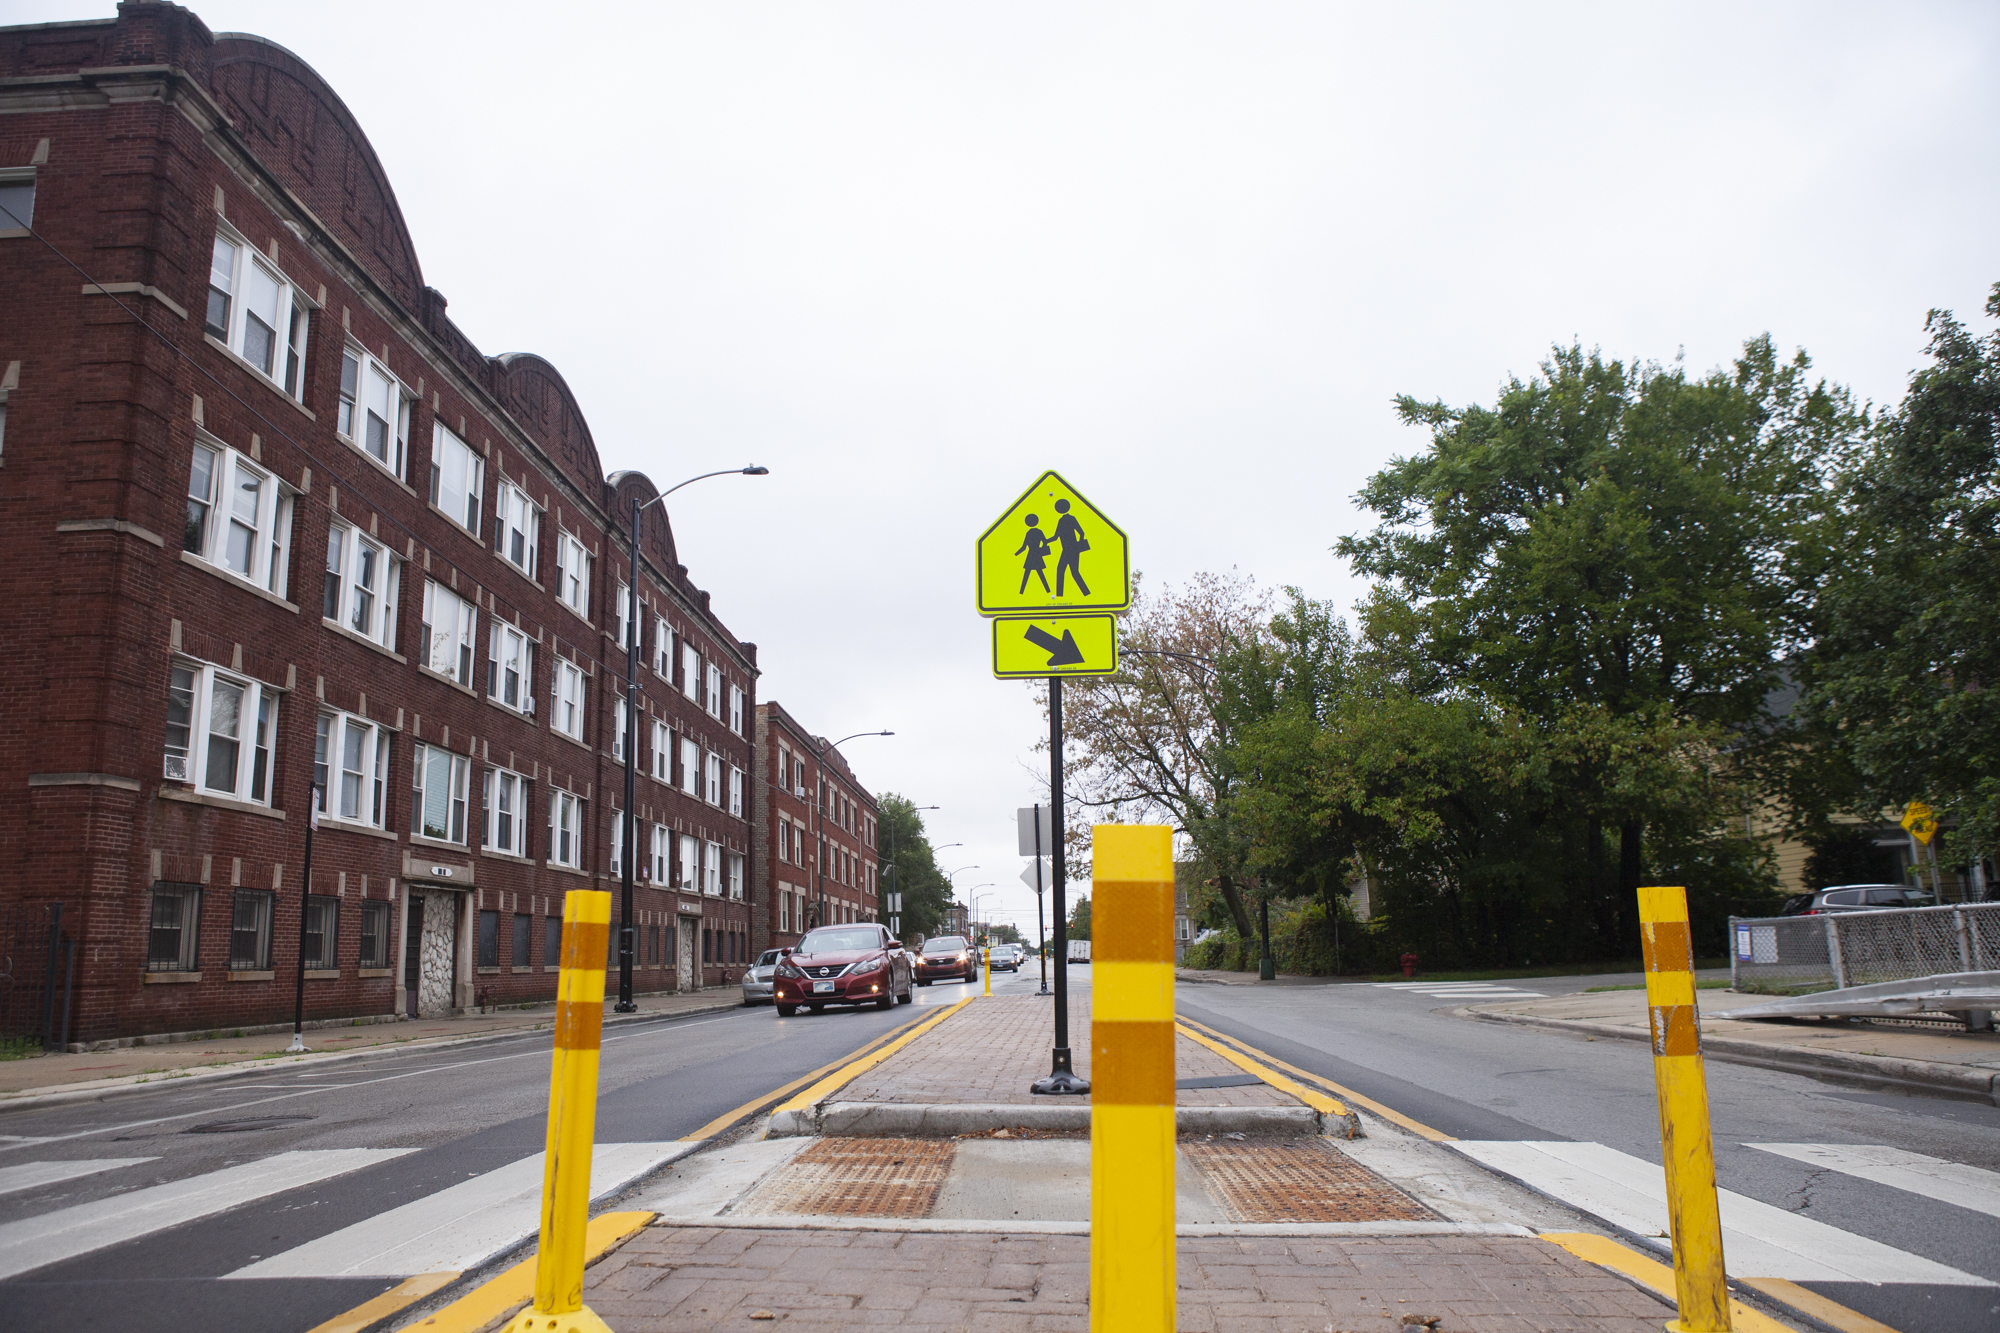 A school crossing sign in a cross walk.